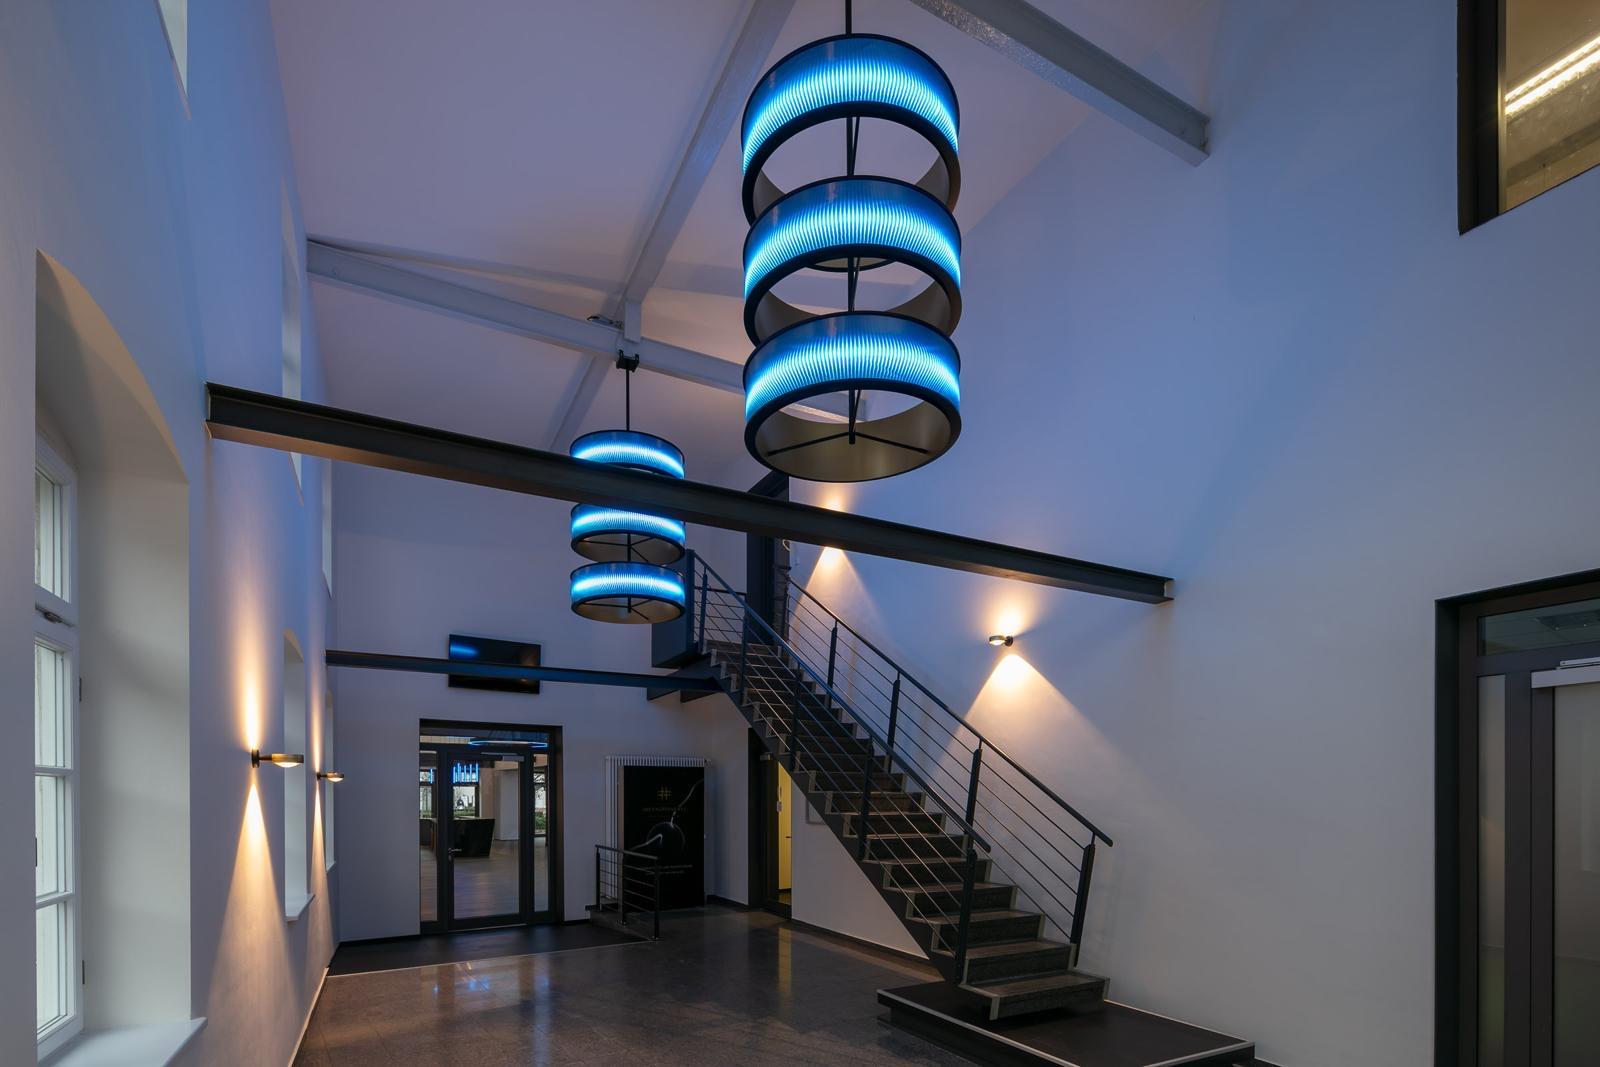 Ringleuchte MATRIX im Eingangsbereich als ambiente Beleuchtung eingesetzt